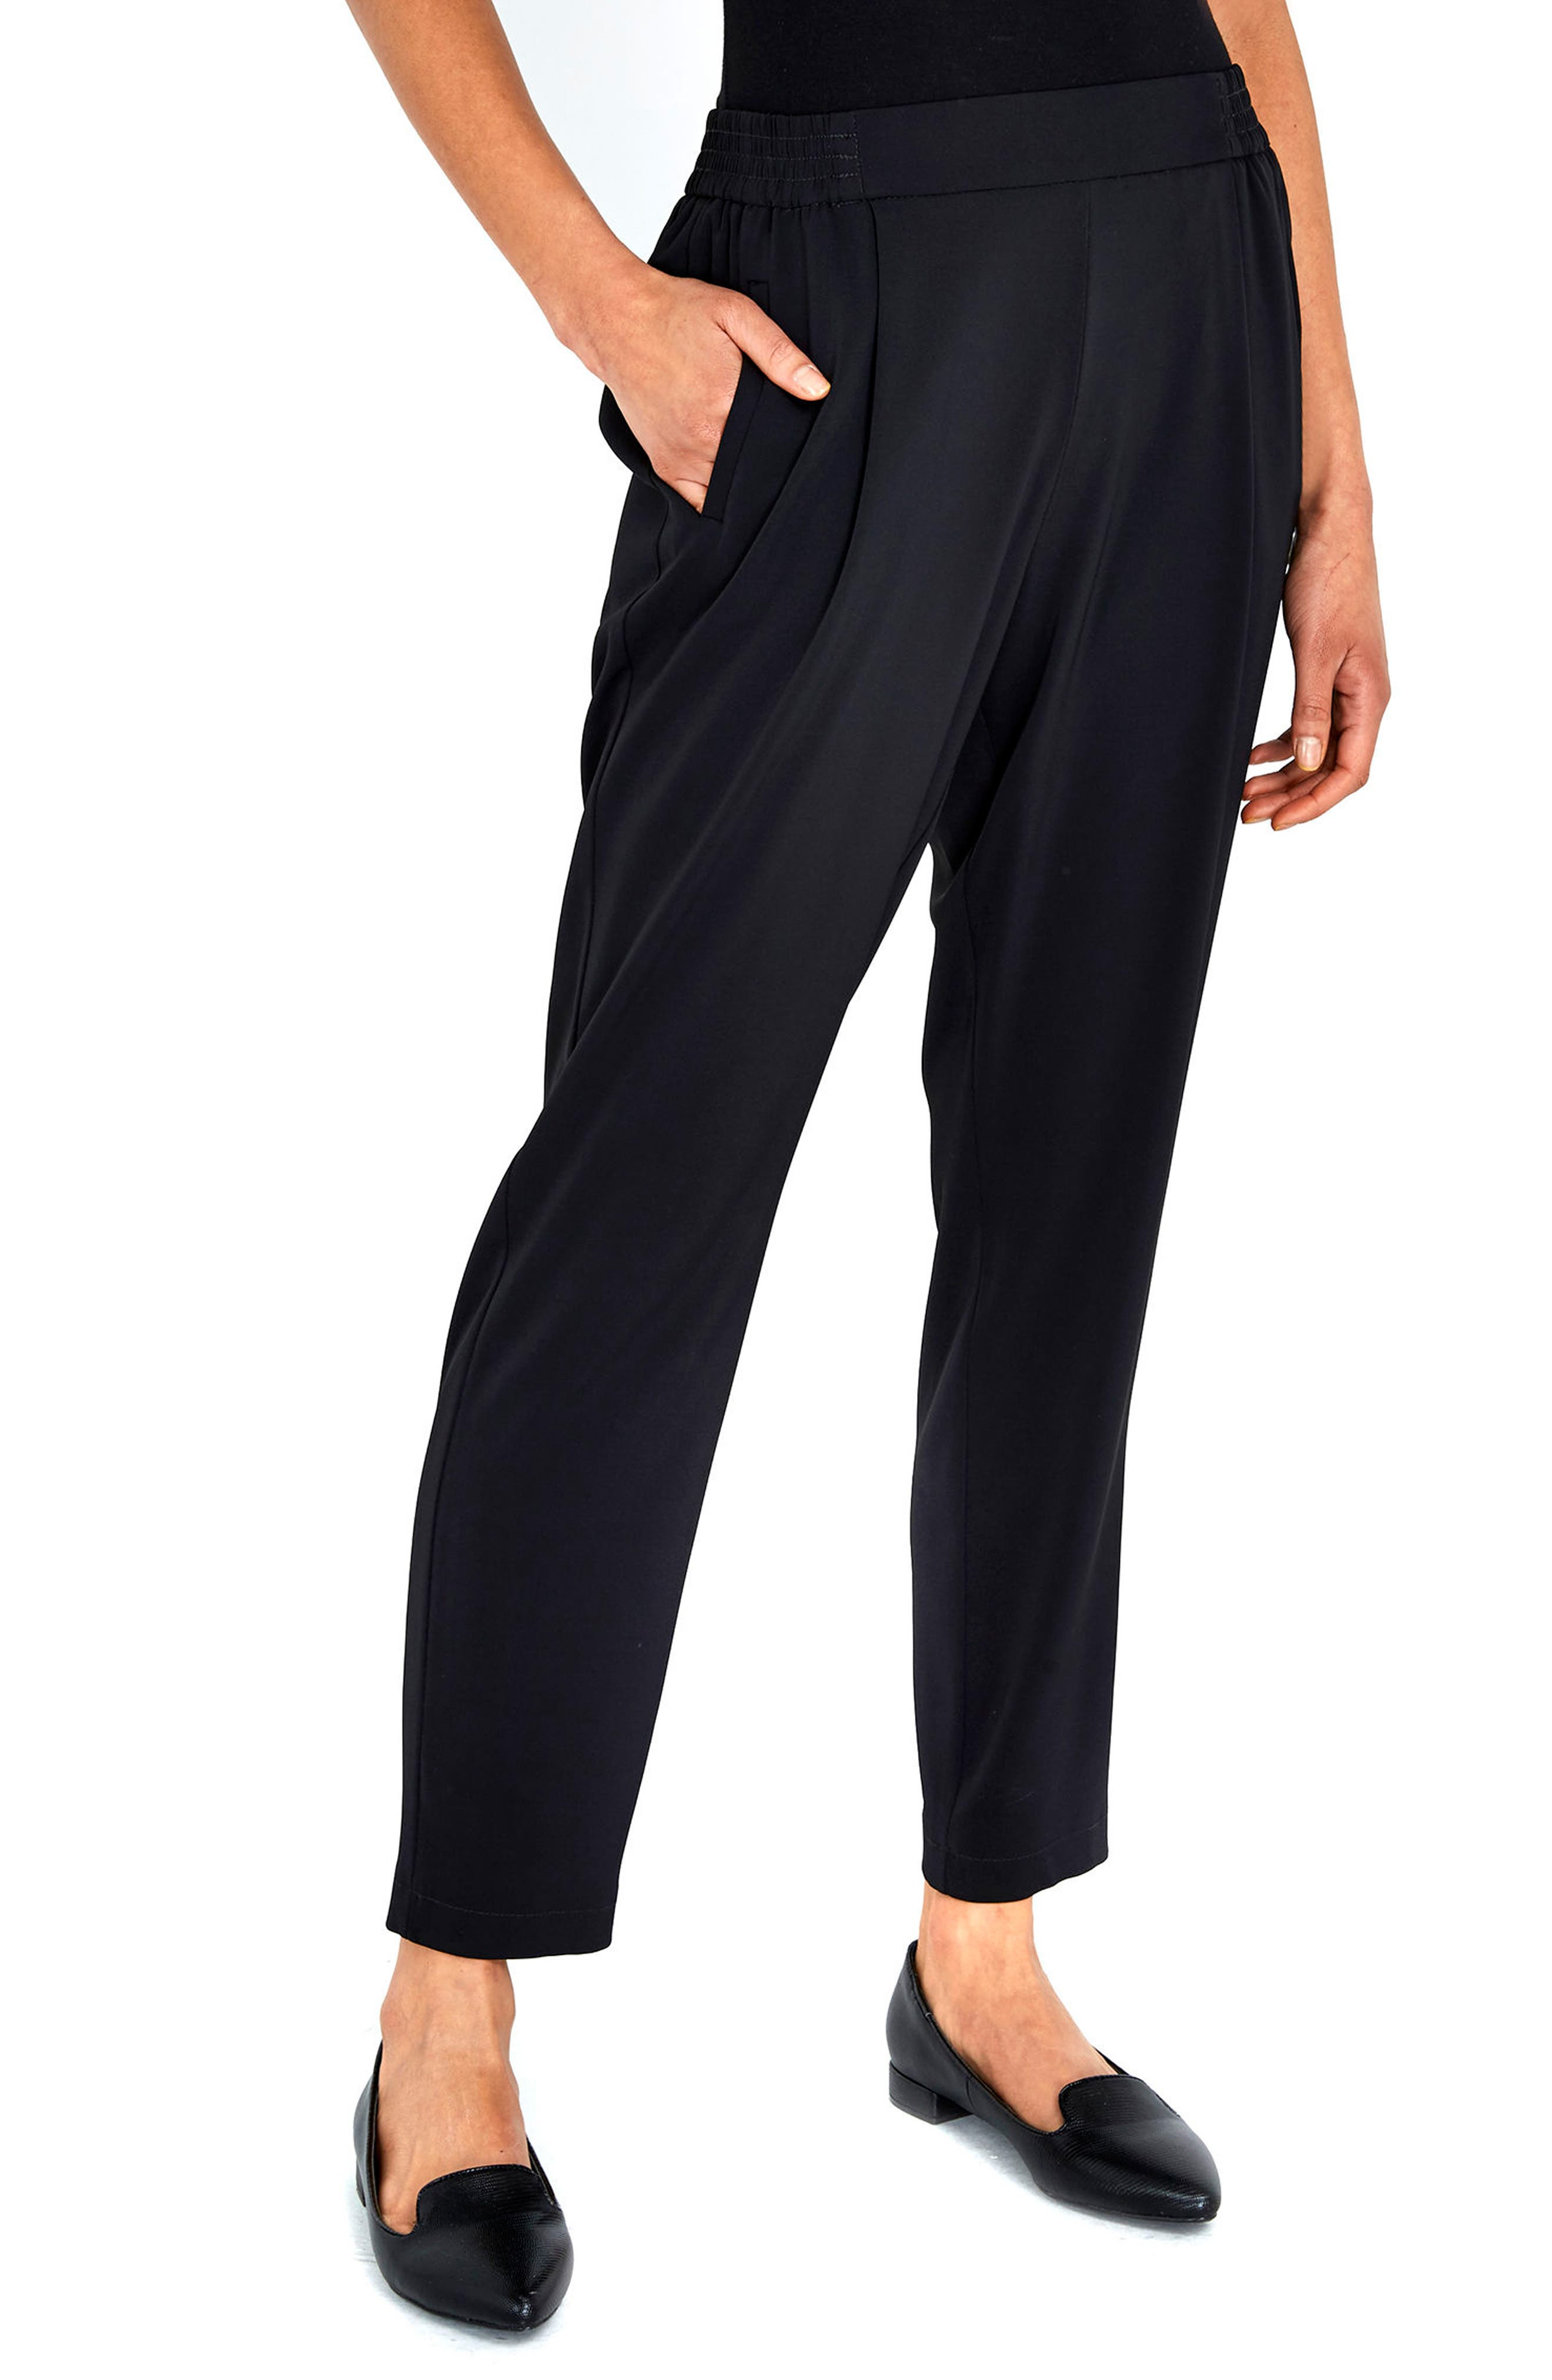 Wallis Pleat Front Pants